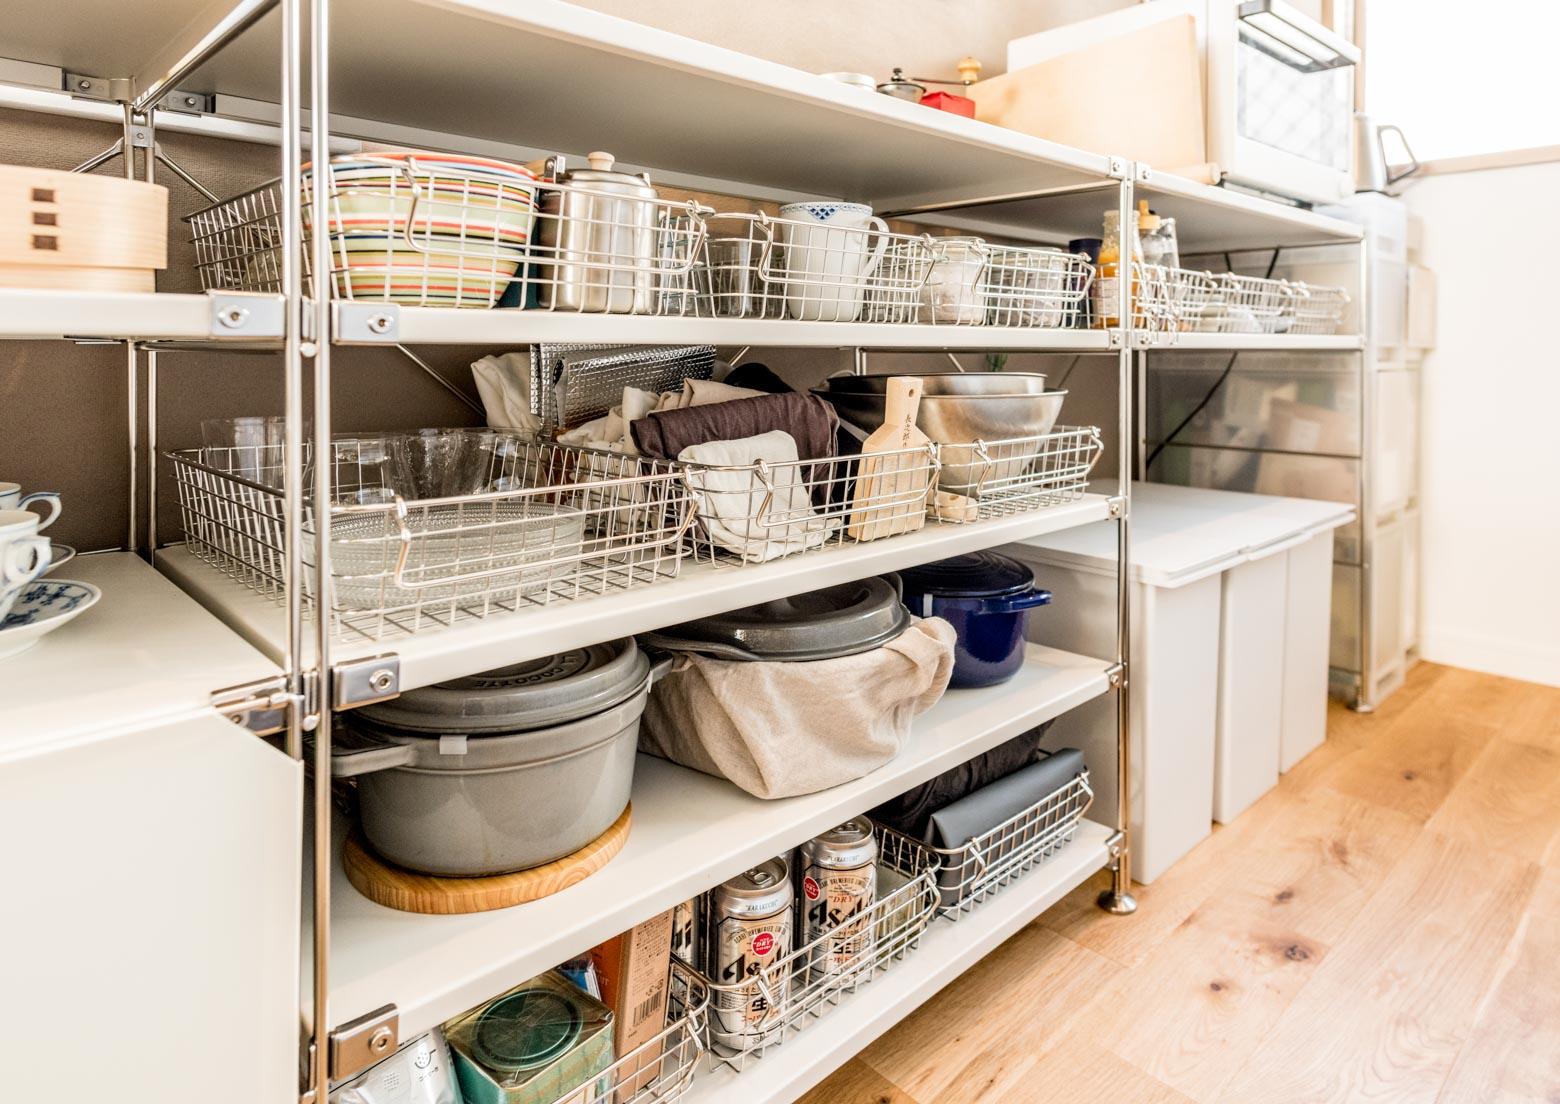 例えば、細々としたものを収納する食器棚。埃が溜まっているのはわかっているけど掃除は億劫……そうならないように、カゴにしまってから収納するのがおすすめ。一気にカゴを取り出して掃除OK。手間が全然違います(このお部屋はこちら)